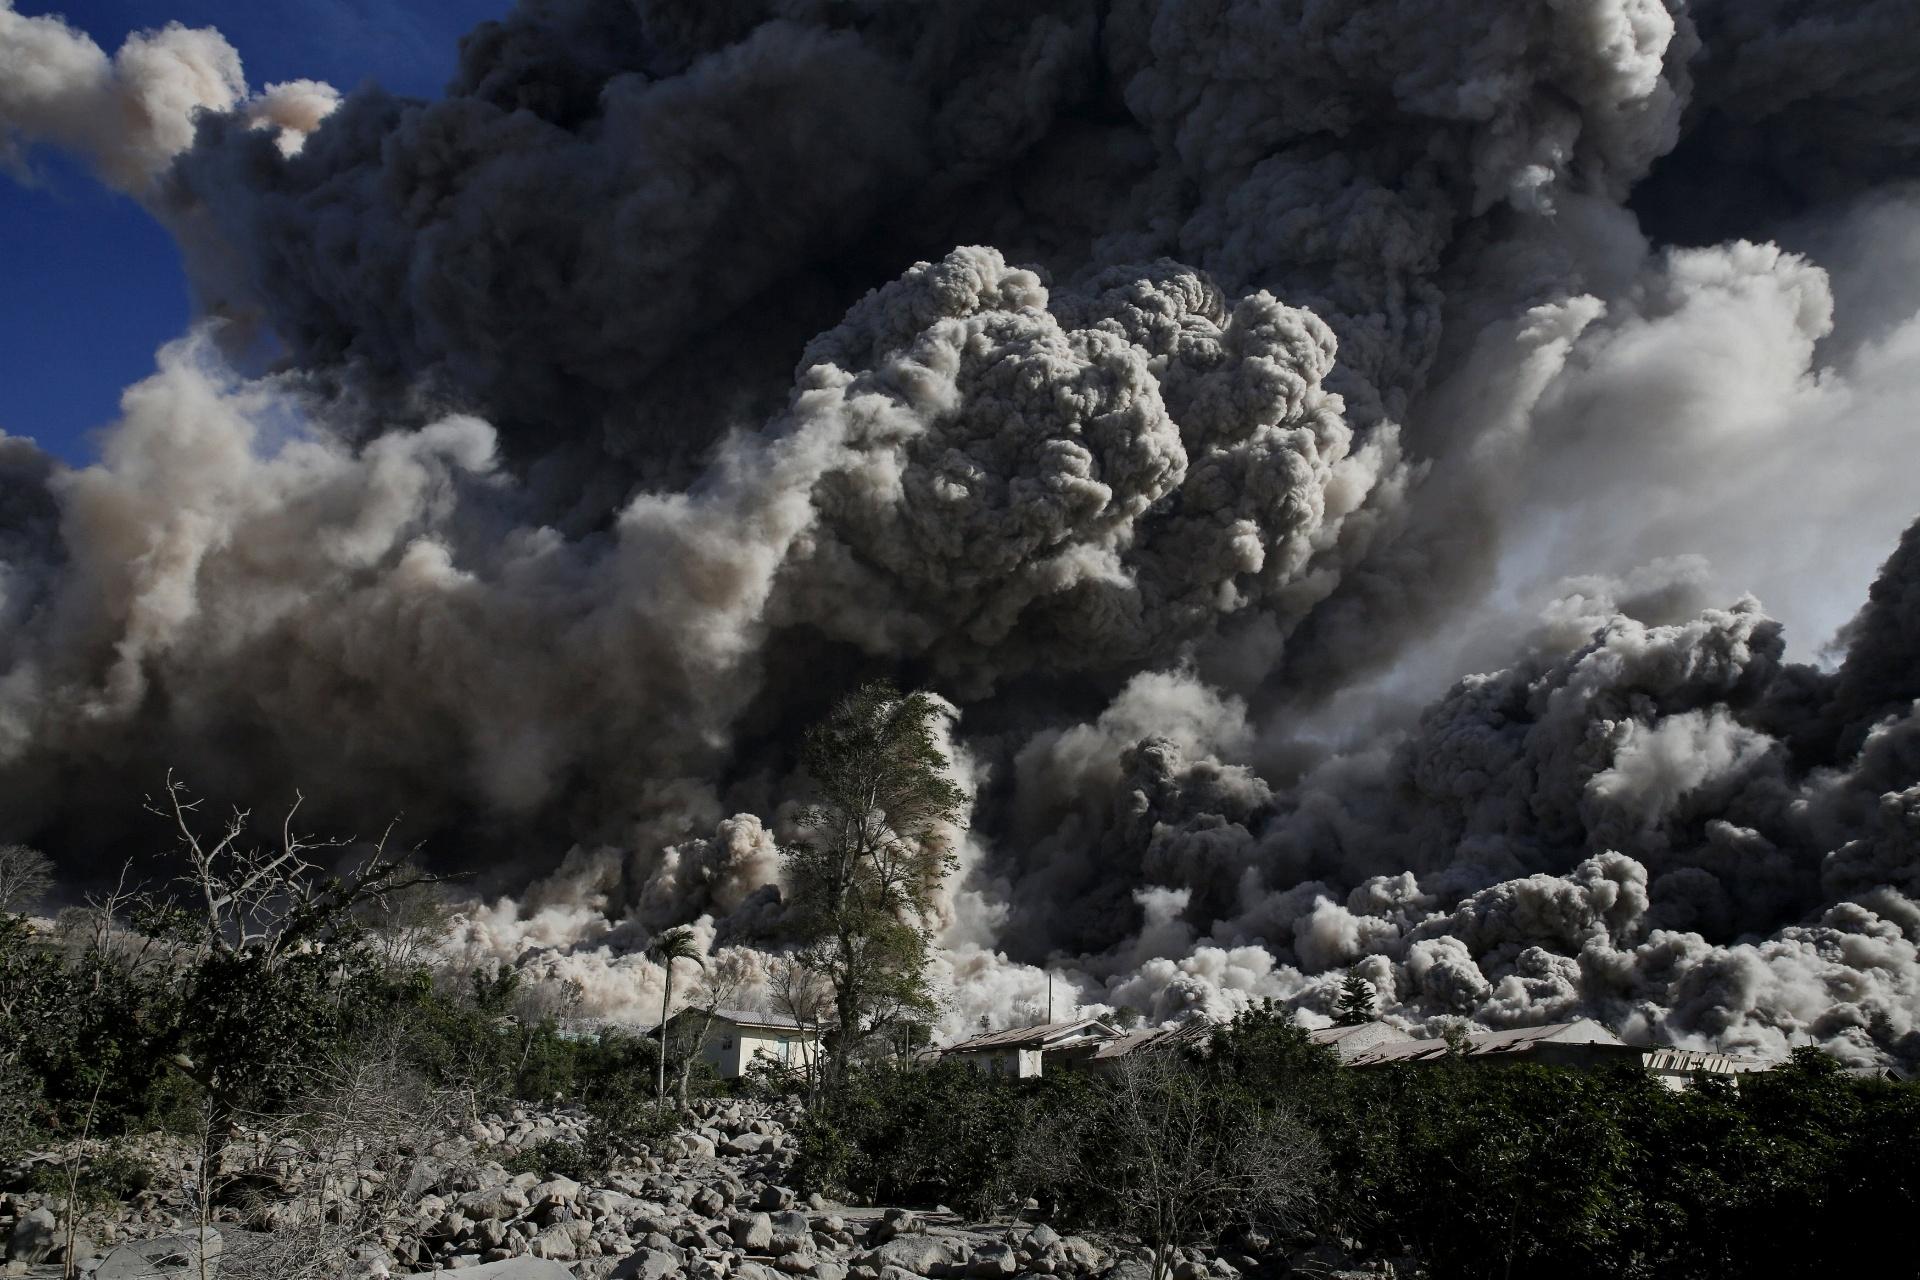 25.jun.2015 - O vulcão Sinabung expele nuvem de cinzas durante erupção próximo à aldeia já esvaziada de Bekerah, no norte da ilha de Sumatra (Indonésia). Mais de 10 mil pessoas de 12 aldeias em torno do vulcão tiveram de deixar suas casas, se mudando para campos de desabrigados